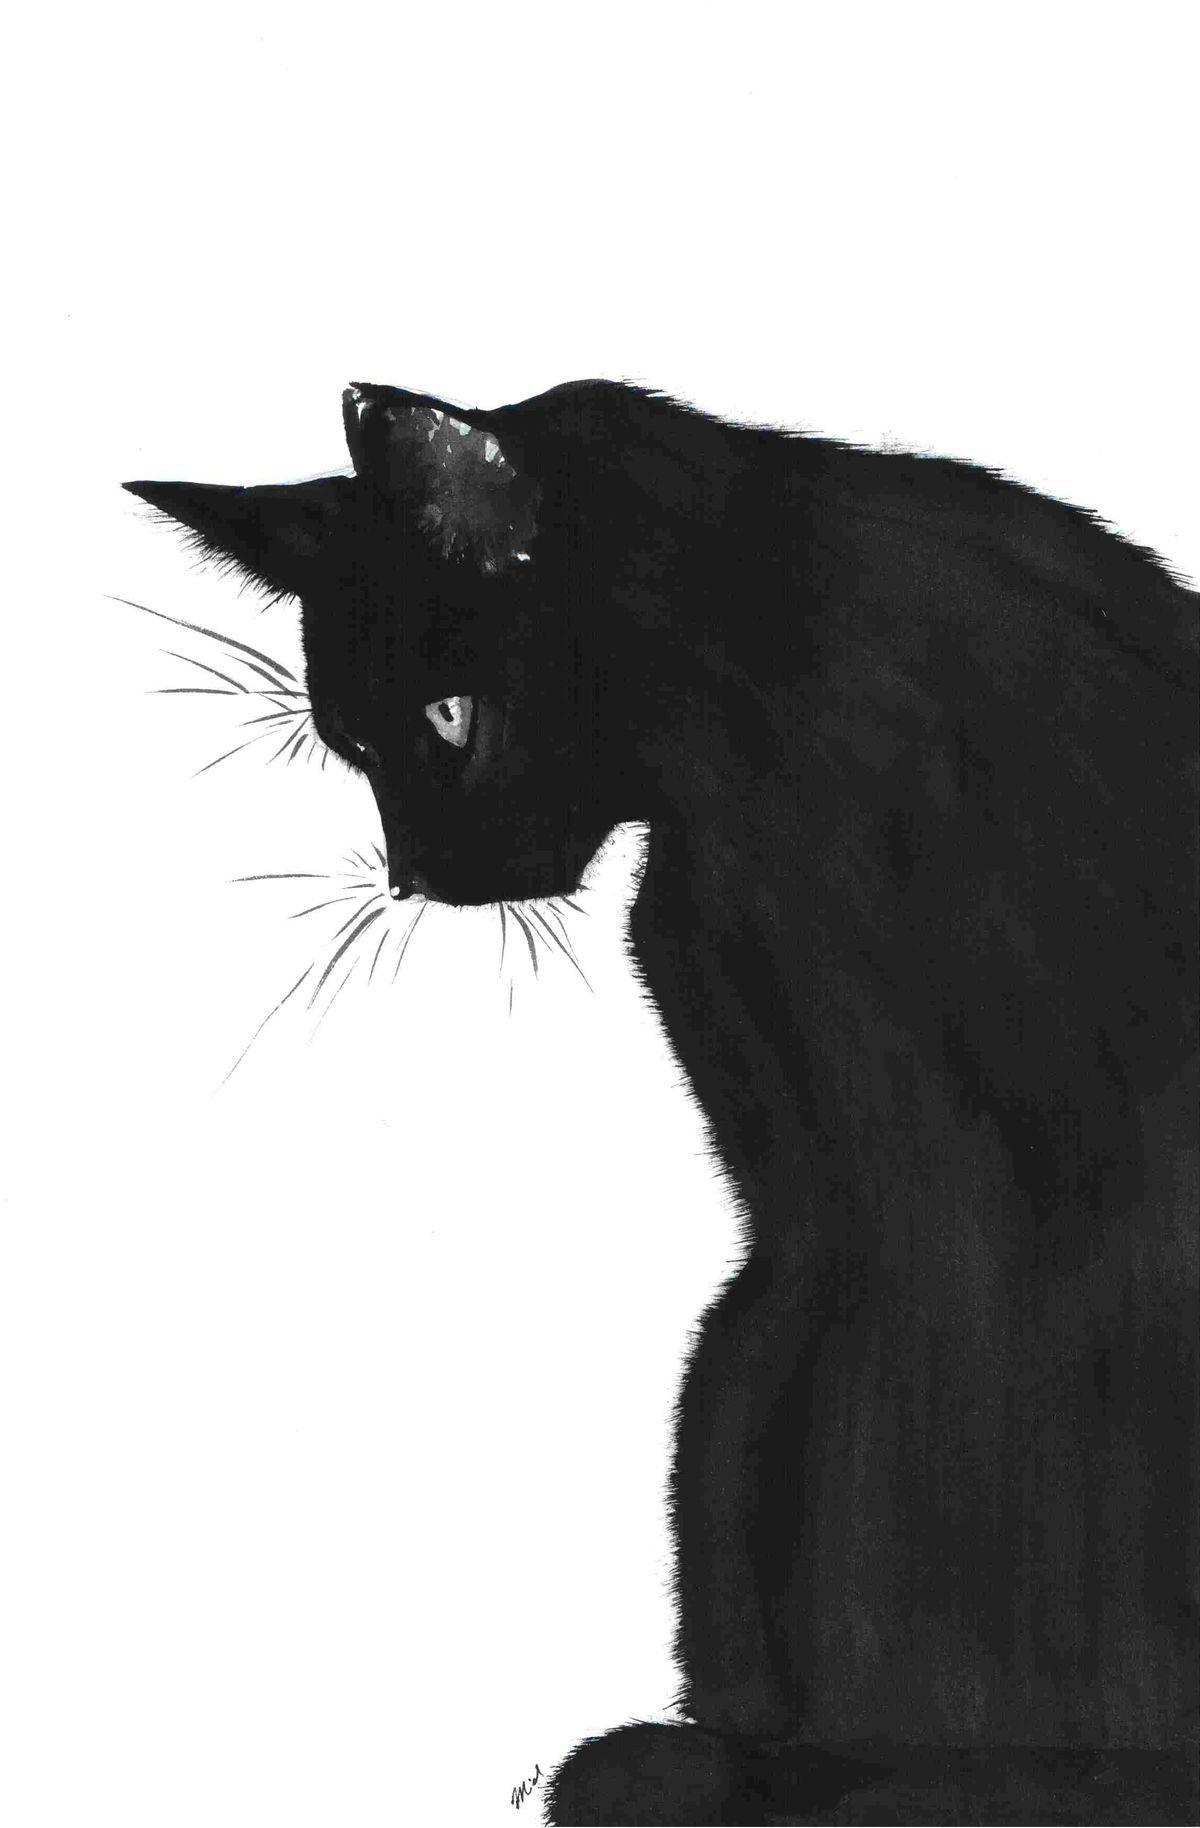 Gato Preto Wallpapers Desenhos De Gatos Gatos Gatinho Desenho